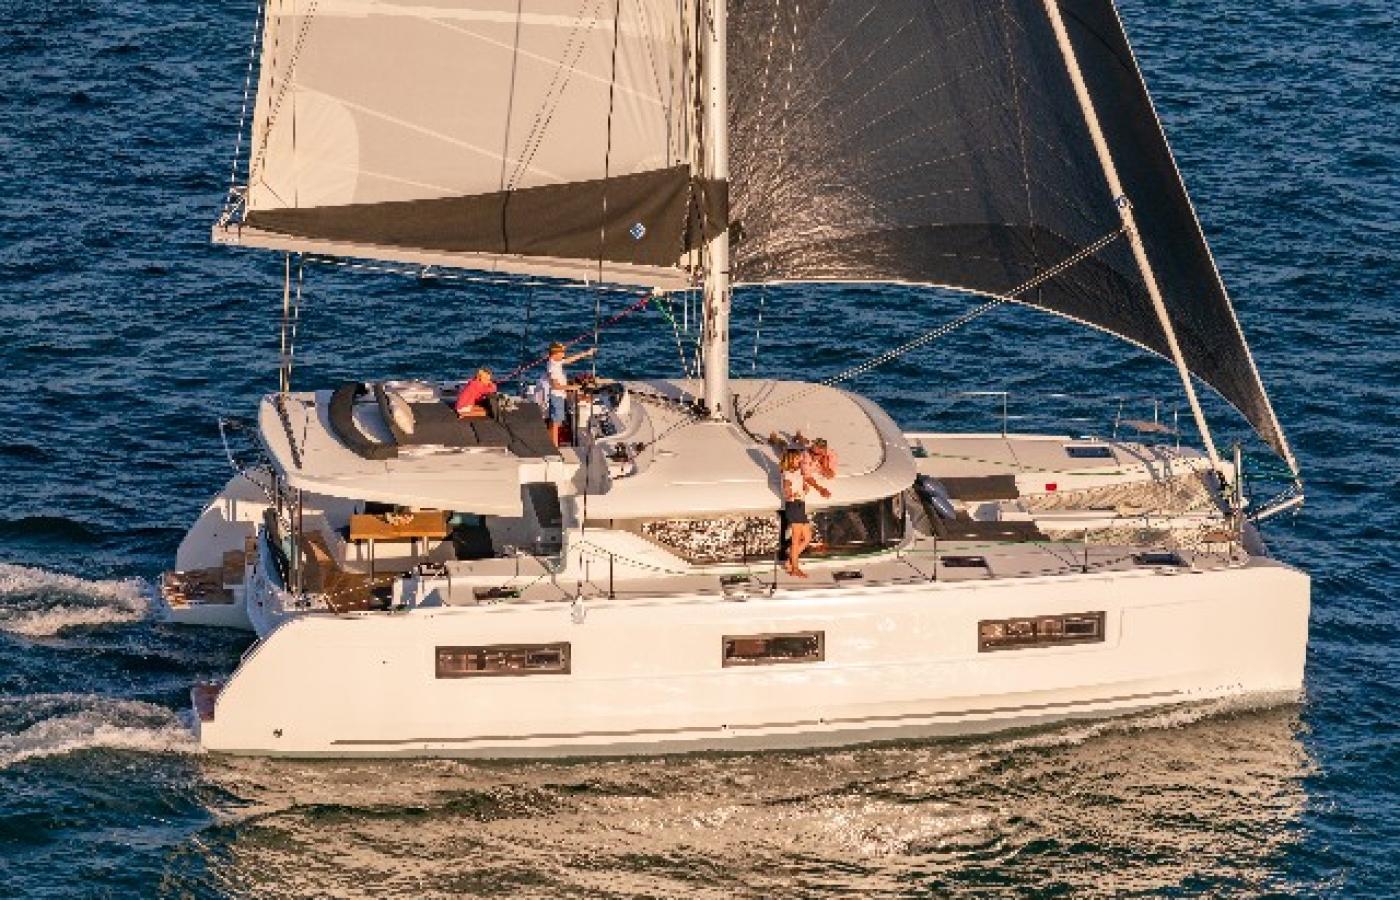 Lagoon 46 - Carruba sailing from Capo d'Orlando Marina